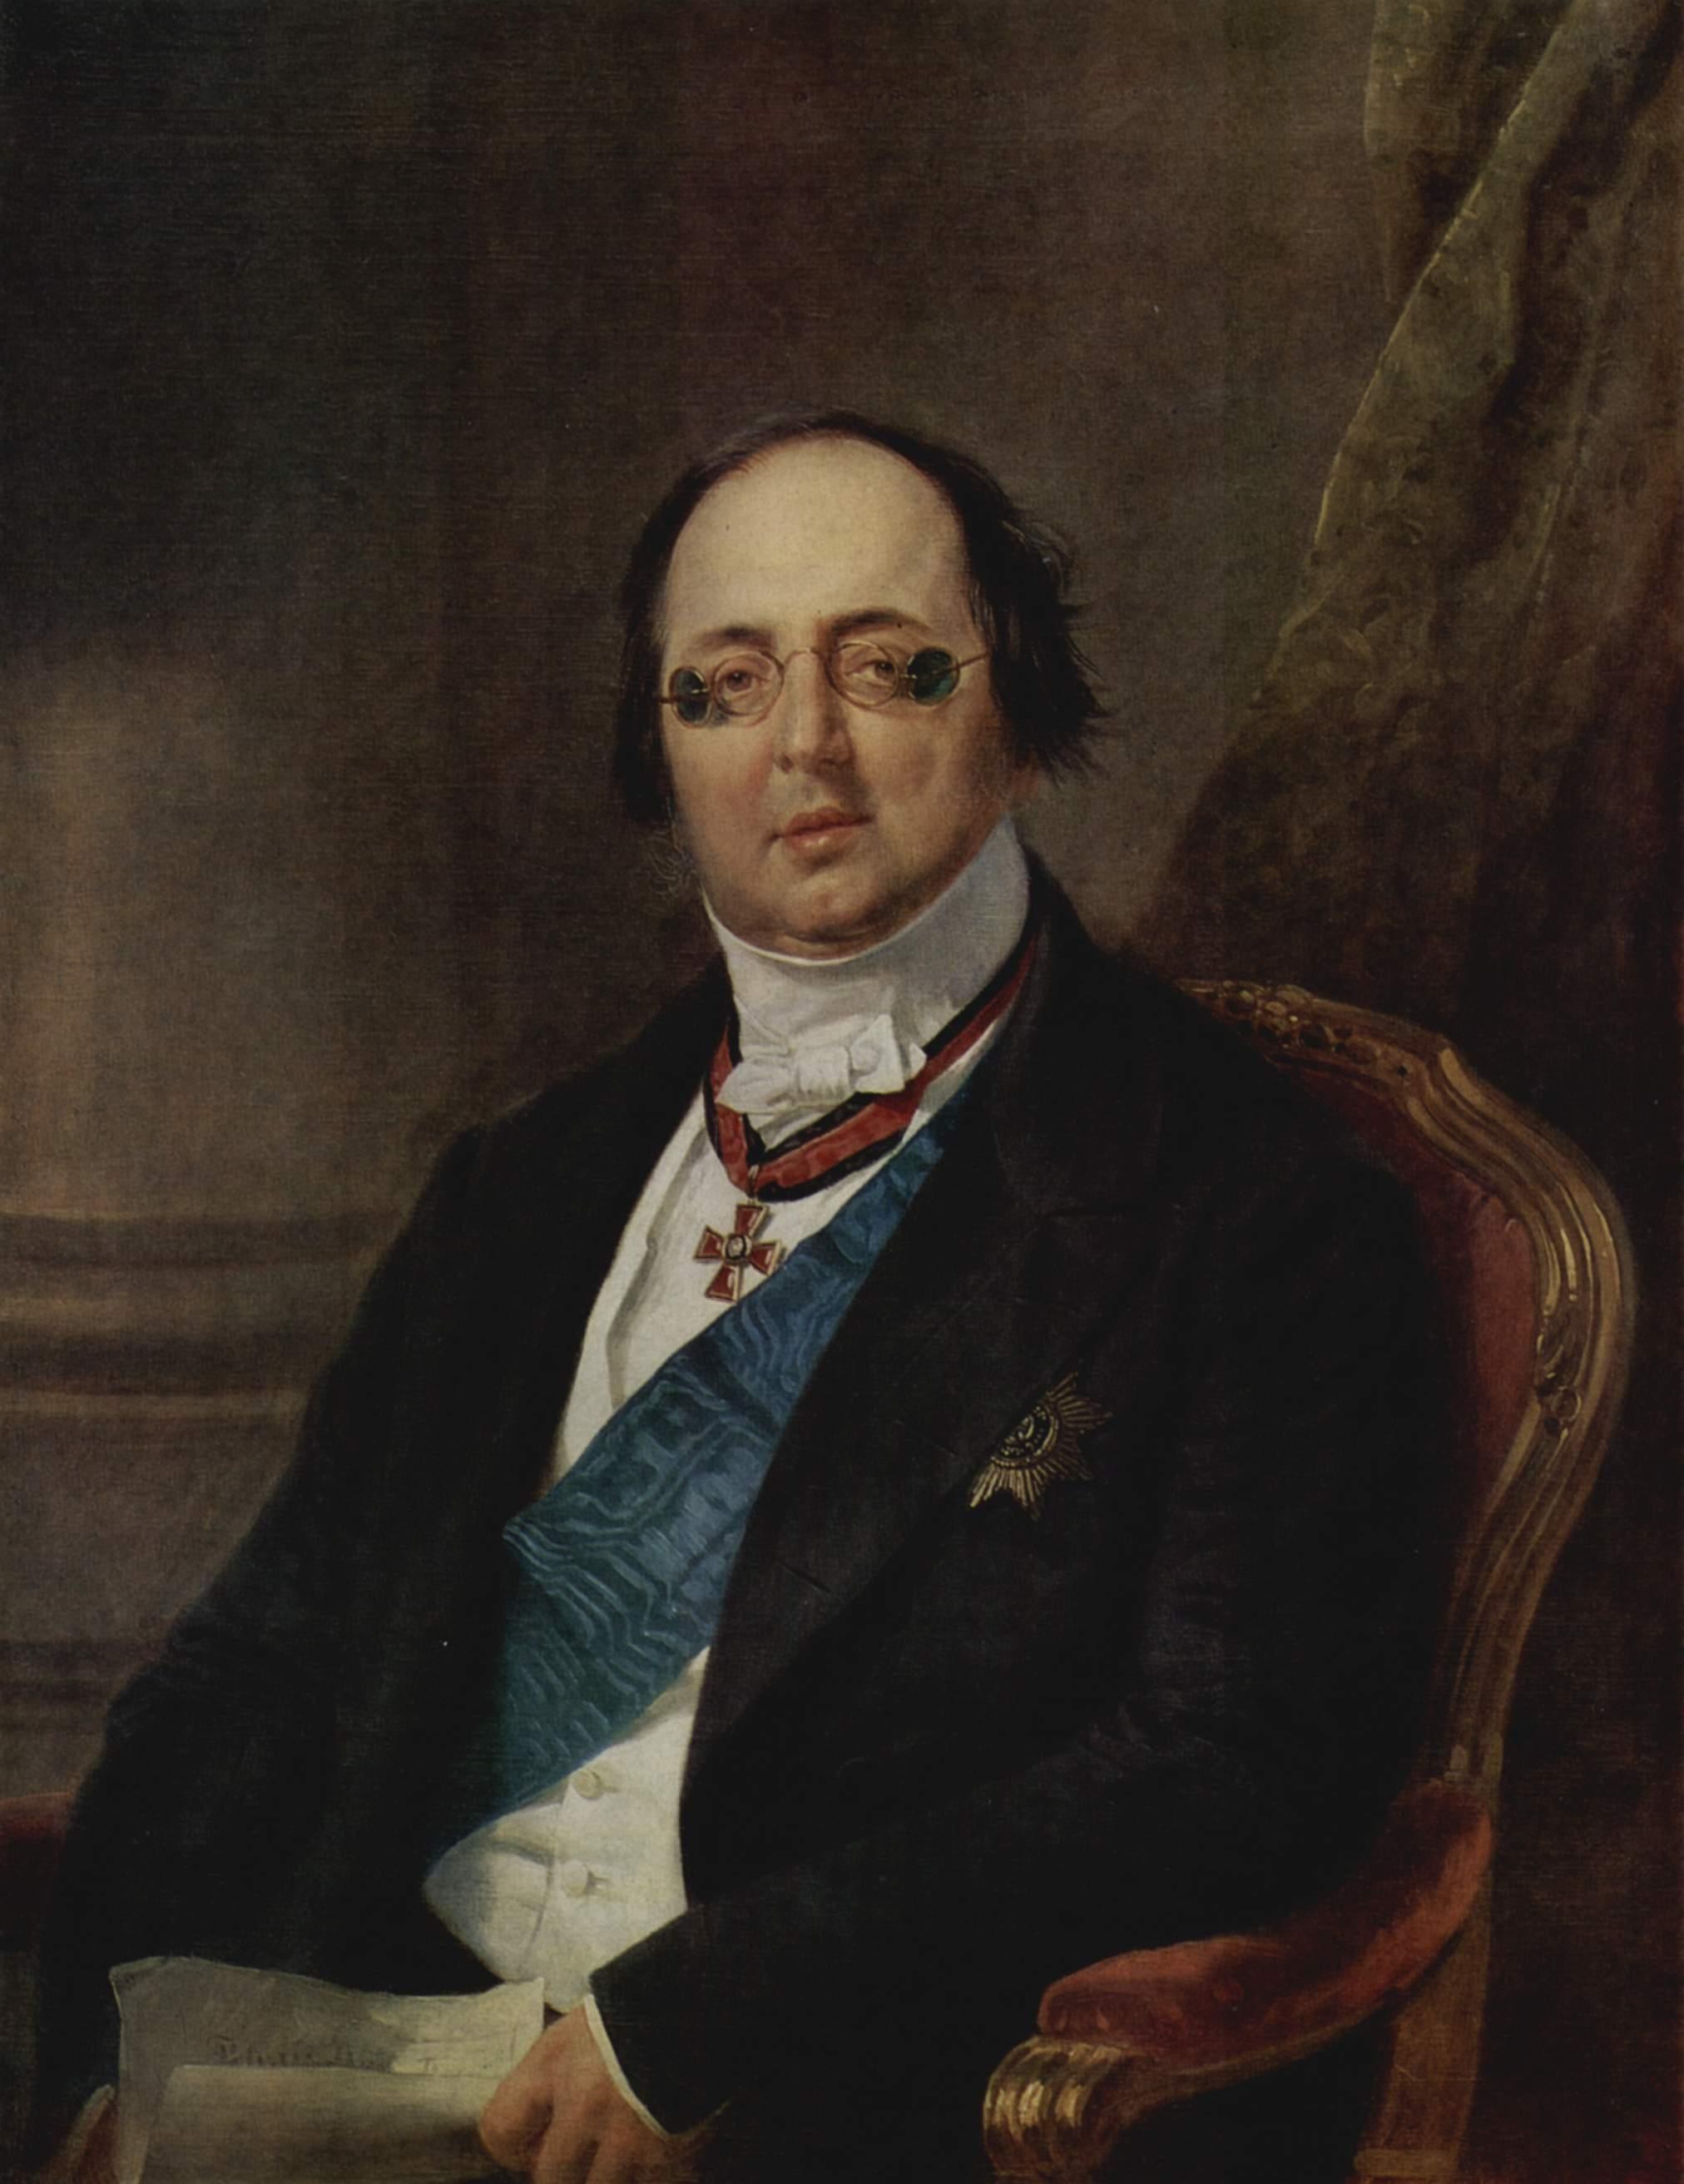 Портрет графа Александра Кушелева-Безбородко, Крюгер Франц